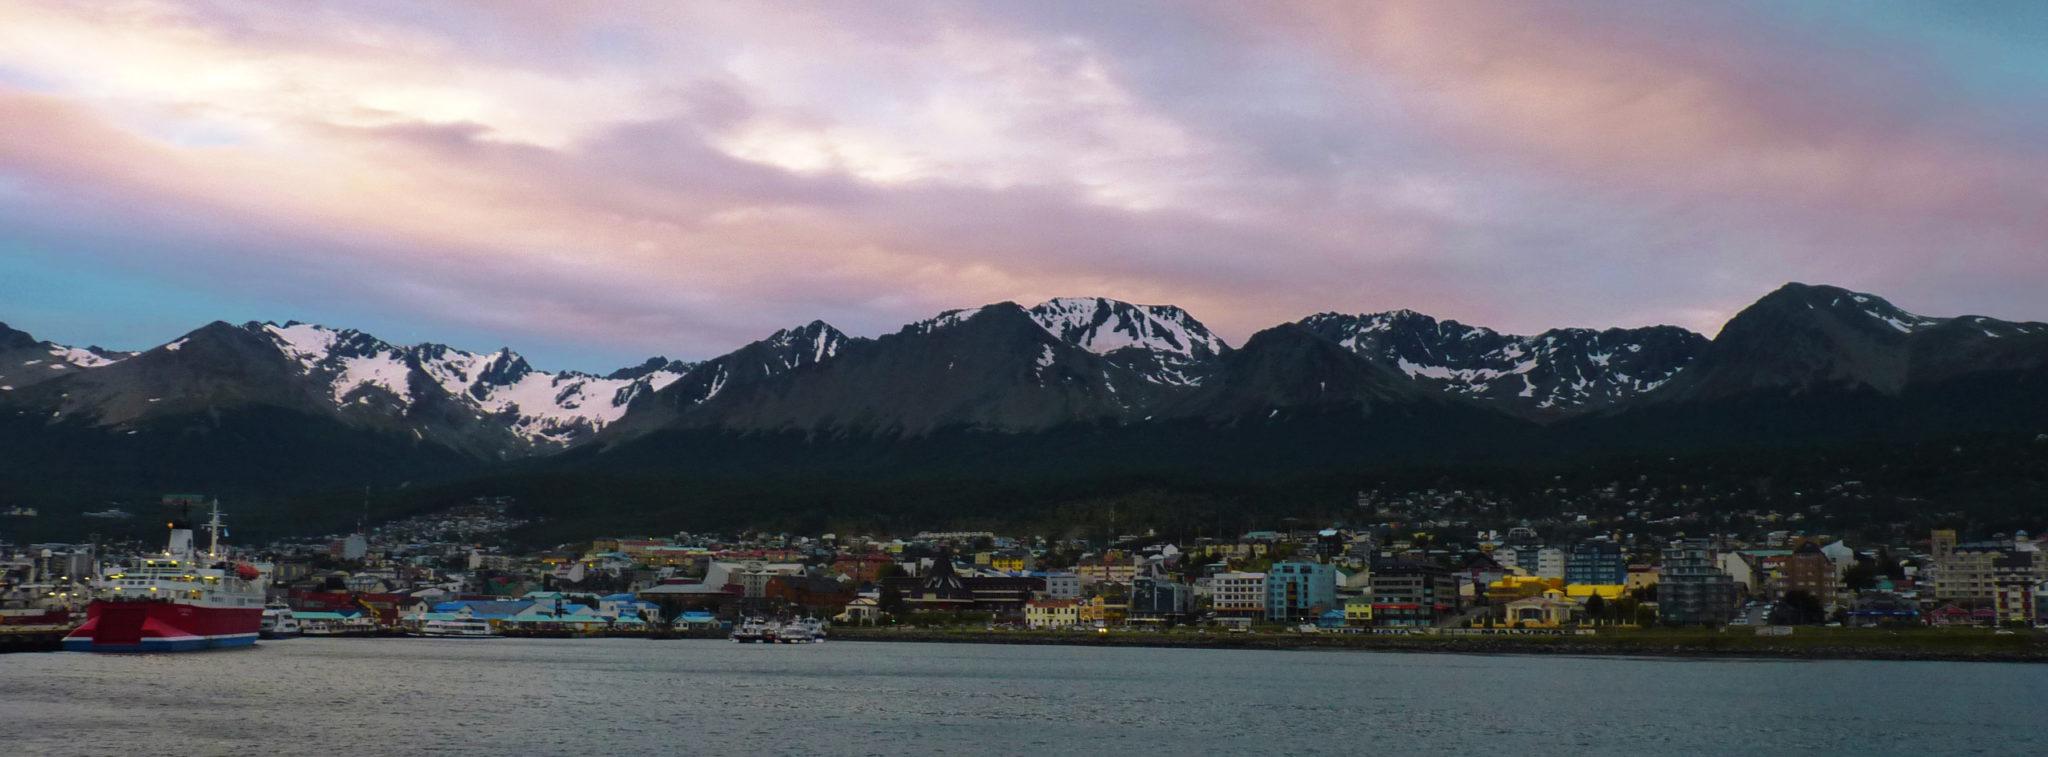 Que Hacer En Ushuaia 6 Imperdibles El Mundo A Nuestros Pies